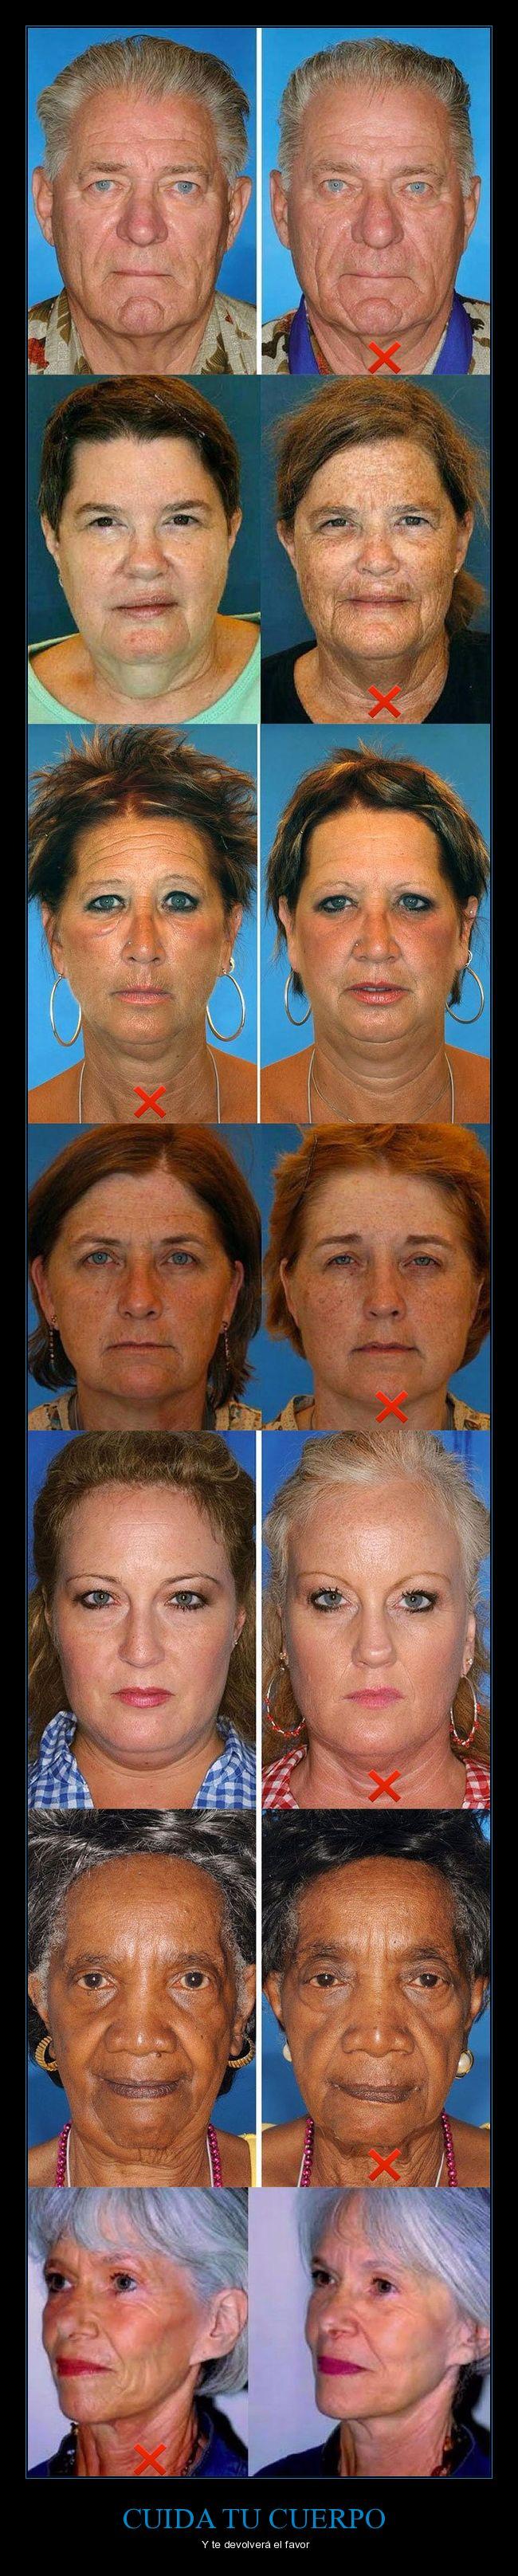 efectos,envejecer,fumadores,gemelos